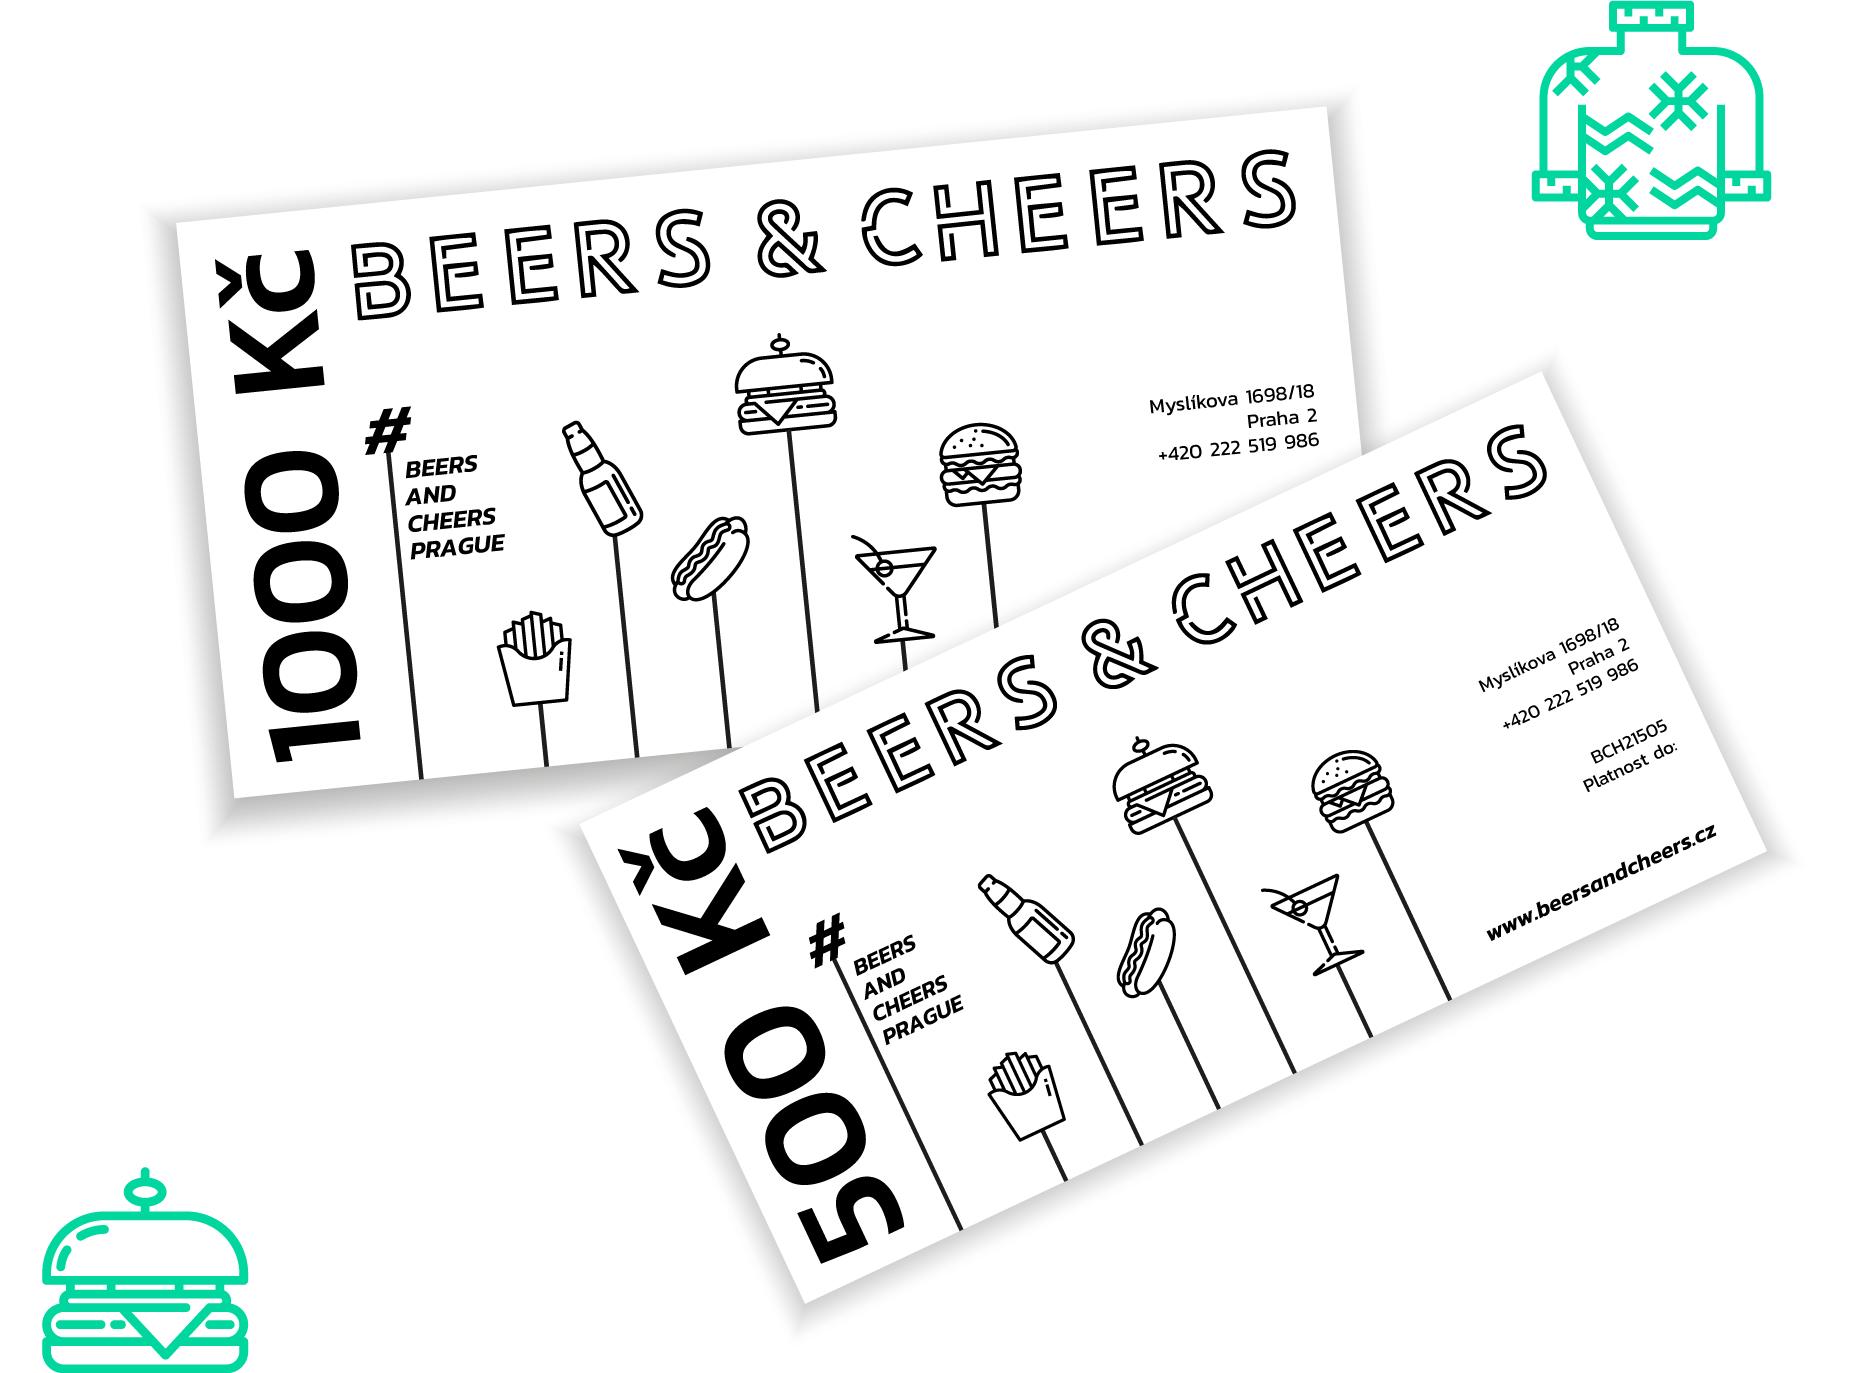 Beers & Cheers voucher